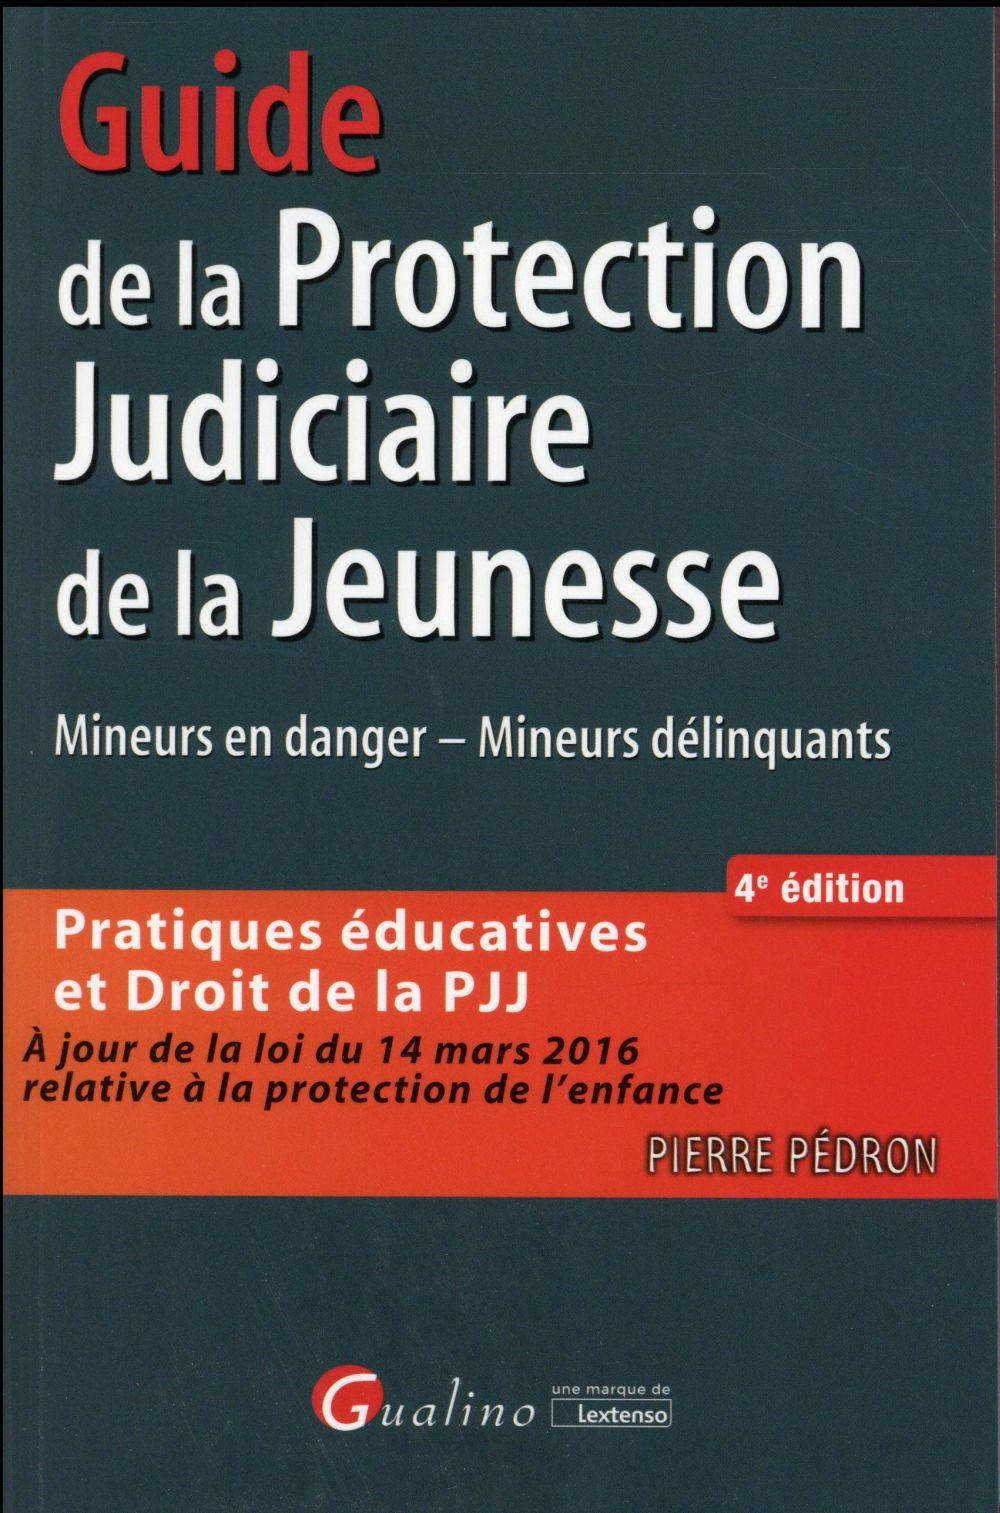 GUIDE DE LA PROTECTION JUDICIAIRE DE LA JEUNESSE   4EME EDITION